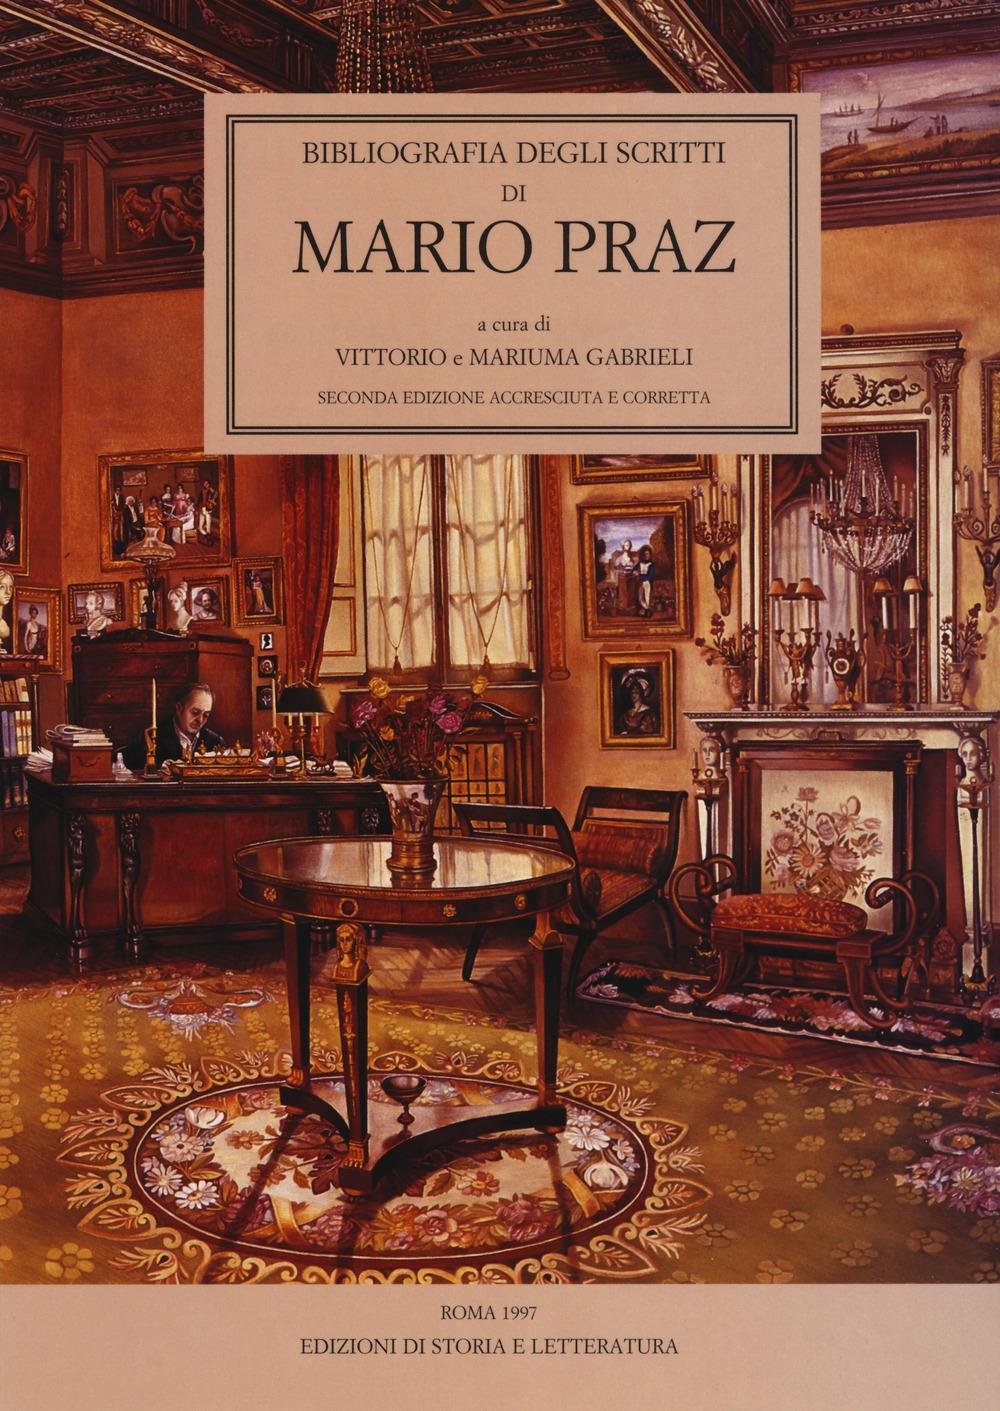 Bibliografia degli scritti di Mario Praz